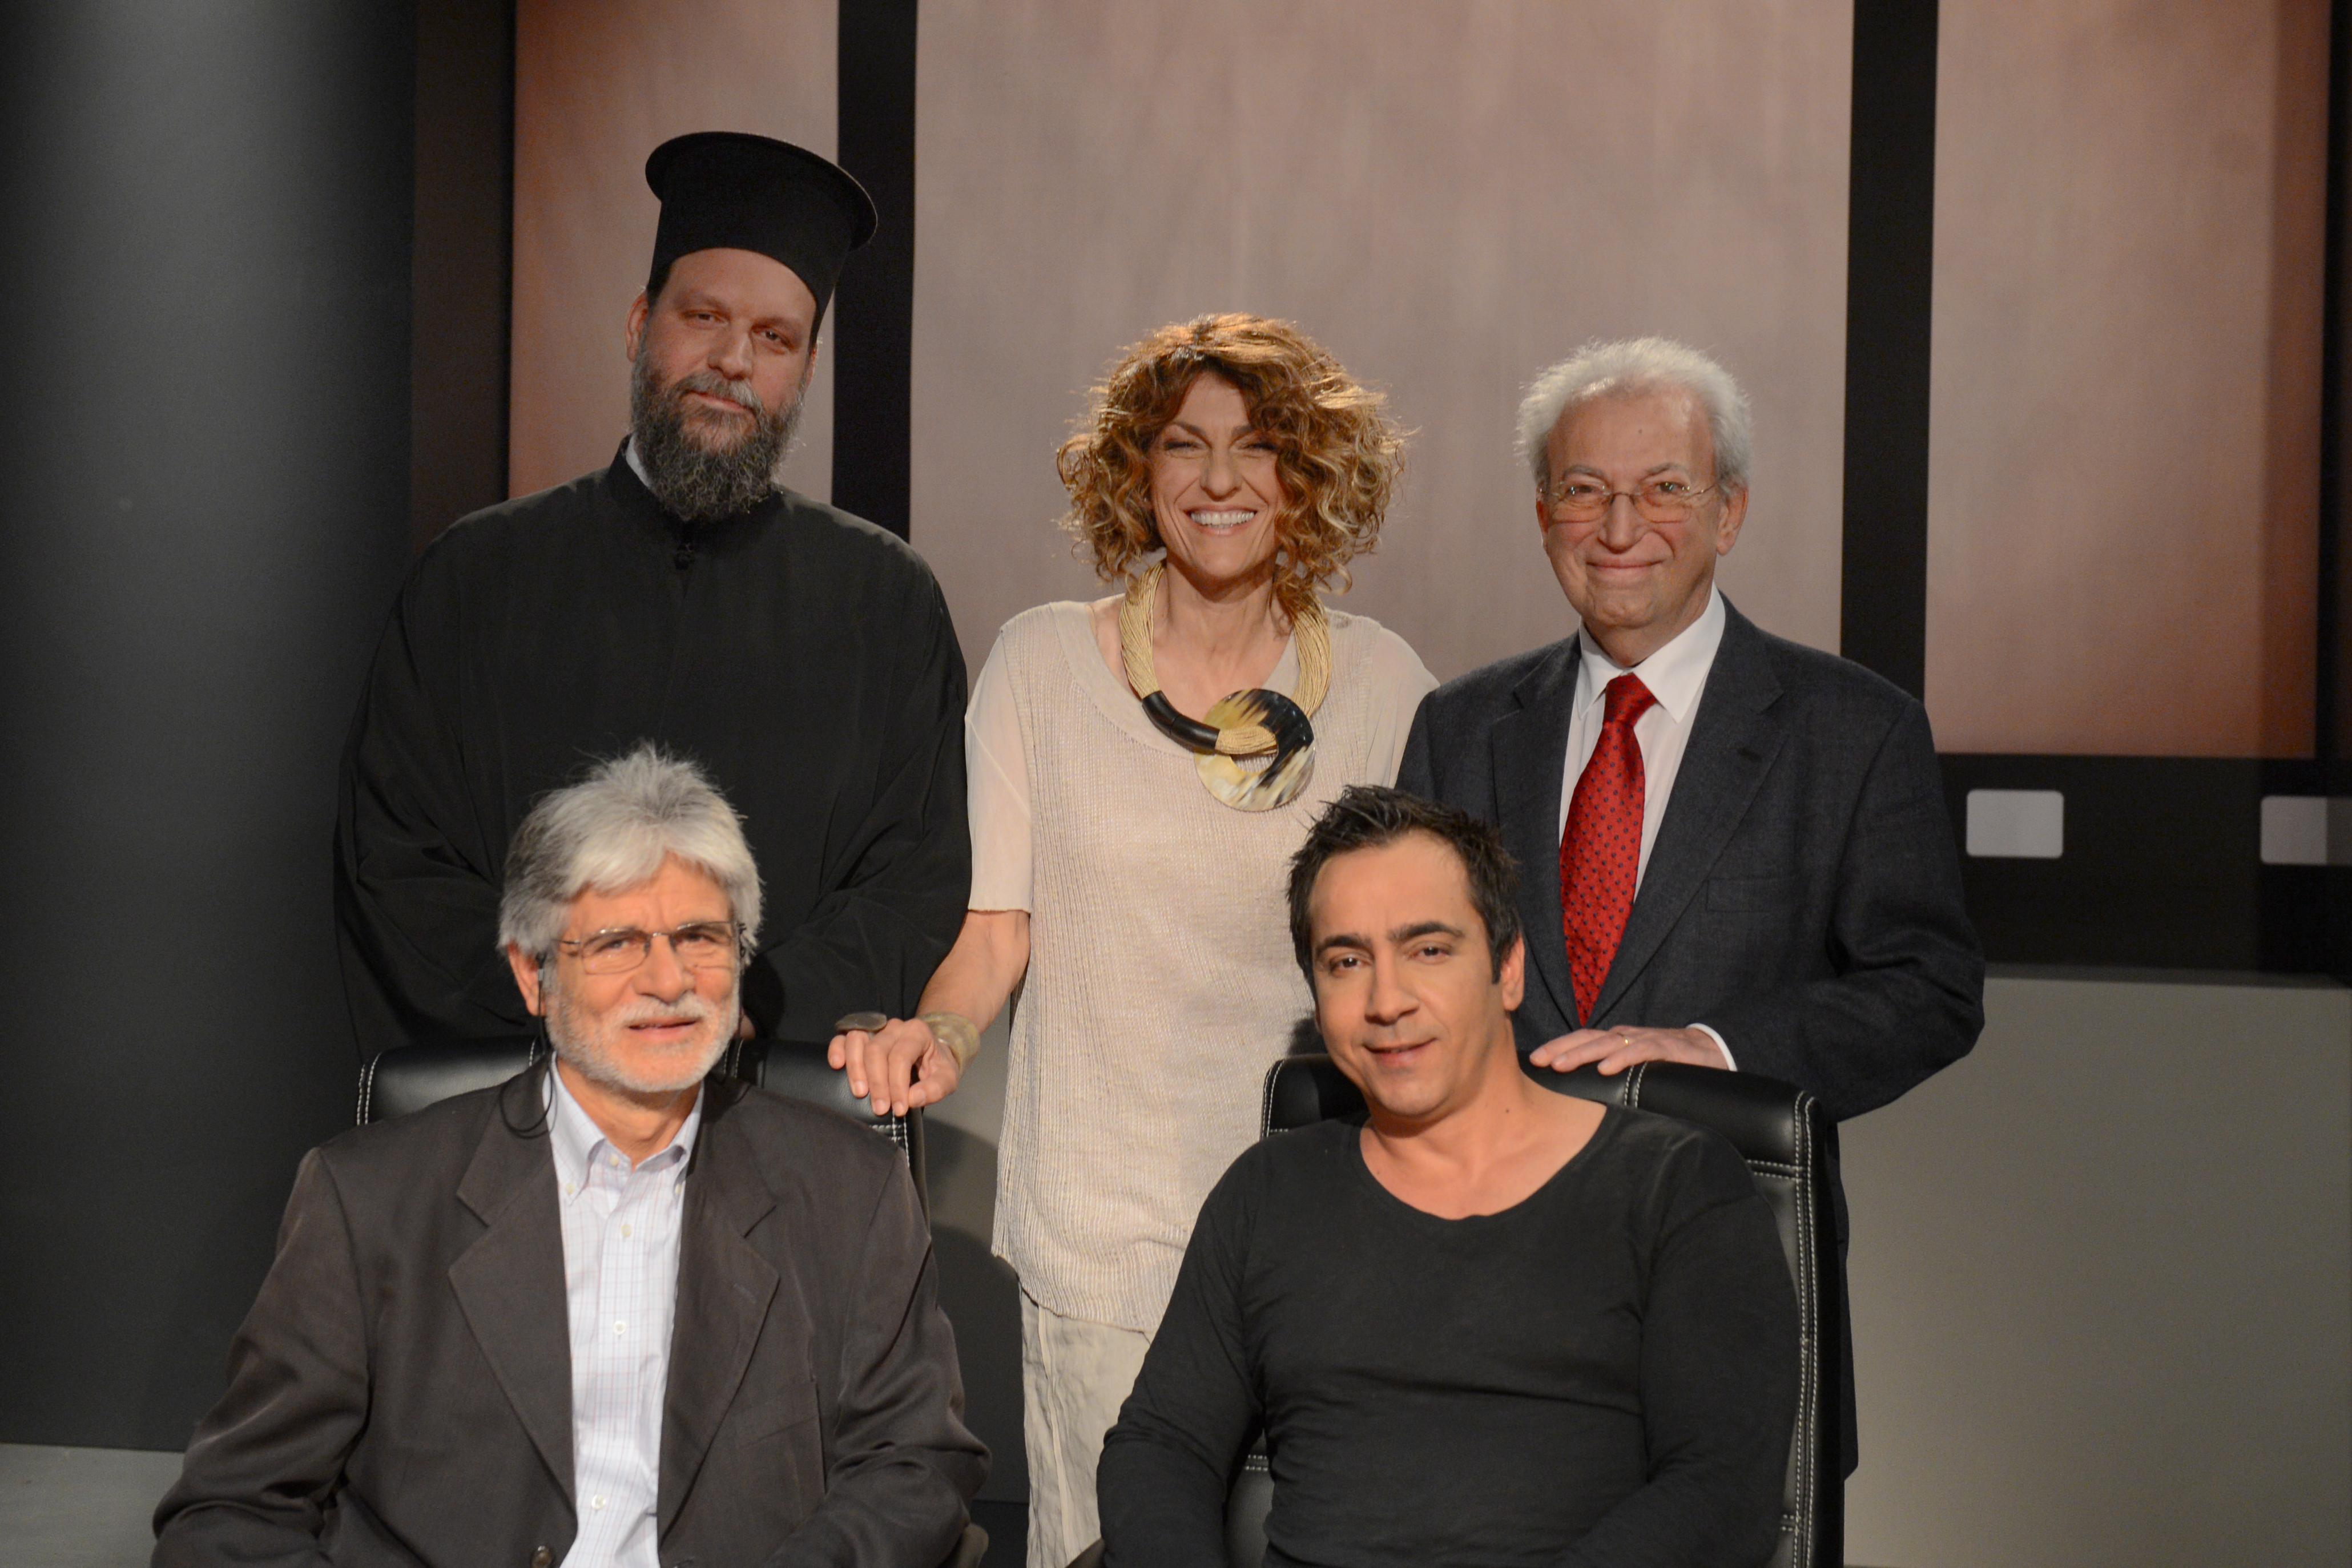 Καθιστοί από αριστερά: Γιάννης Δημολιάτης και Αντώνης Τολάκης. Όρθιοι από αριστερά: Μητροπολίτης Νέας Ιωνίας και Φιλαδελφείας Γαβριήλ, Μαρία Κουφοπούλου και Νίκος Φραγκάκης.